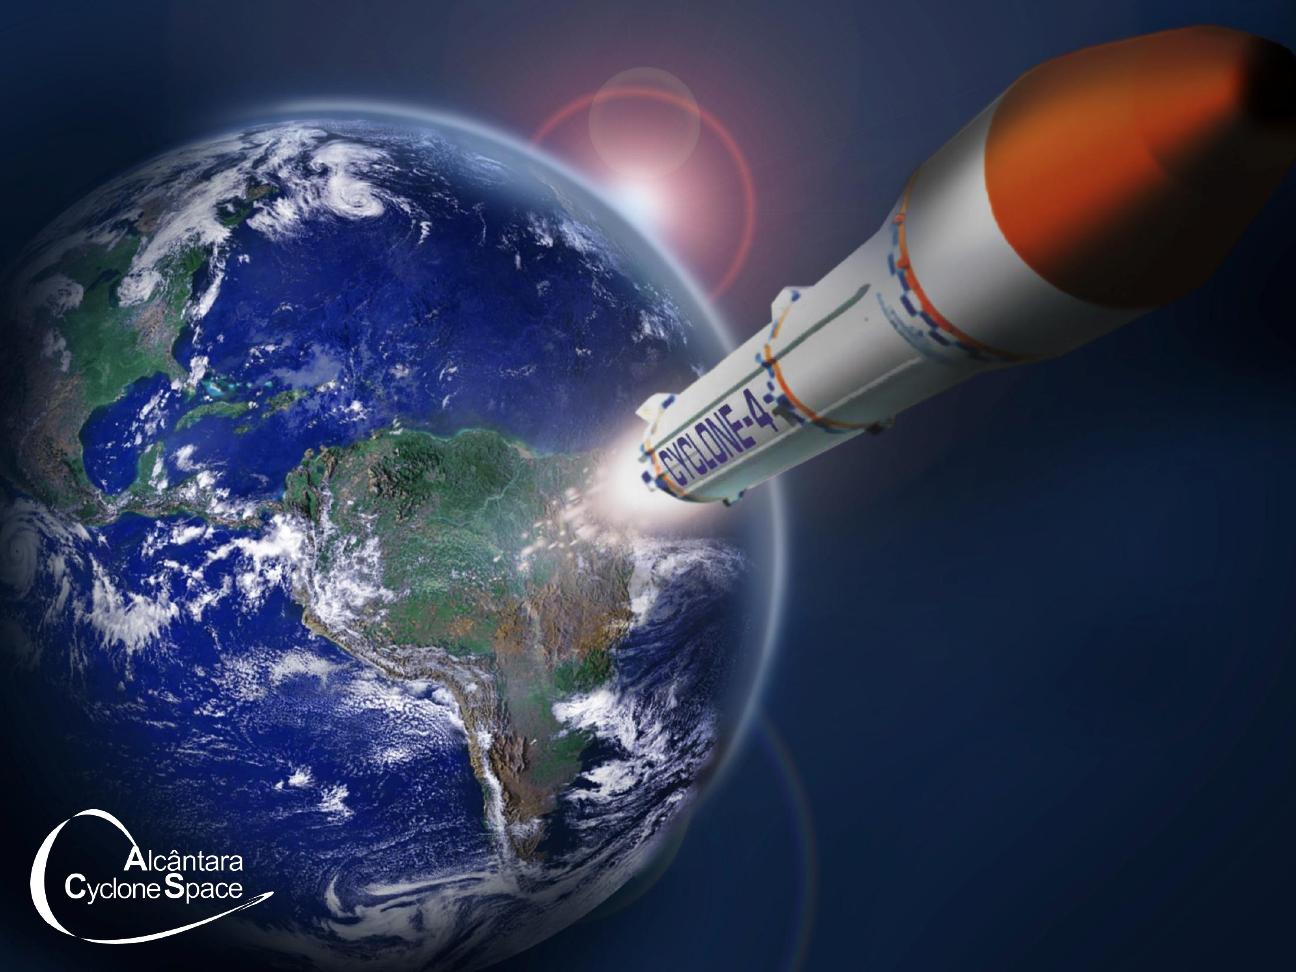 Imagem artística do projeto Cyclone-4, da Alcantara Cyclone Space.